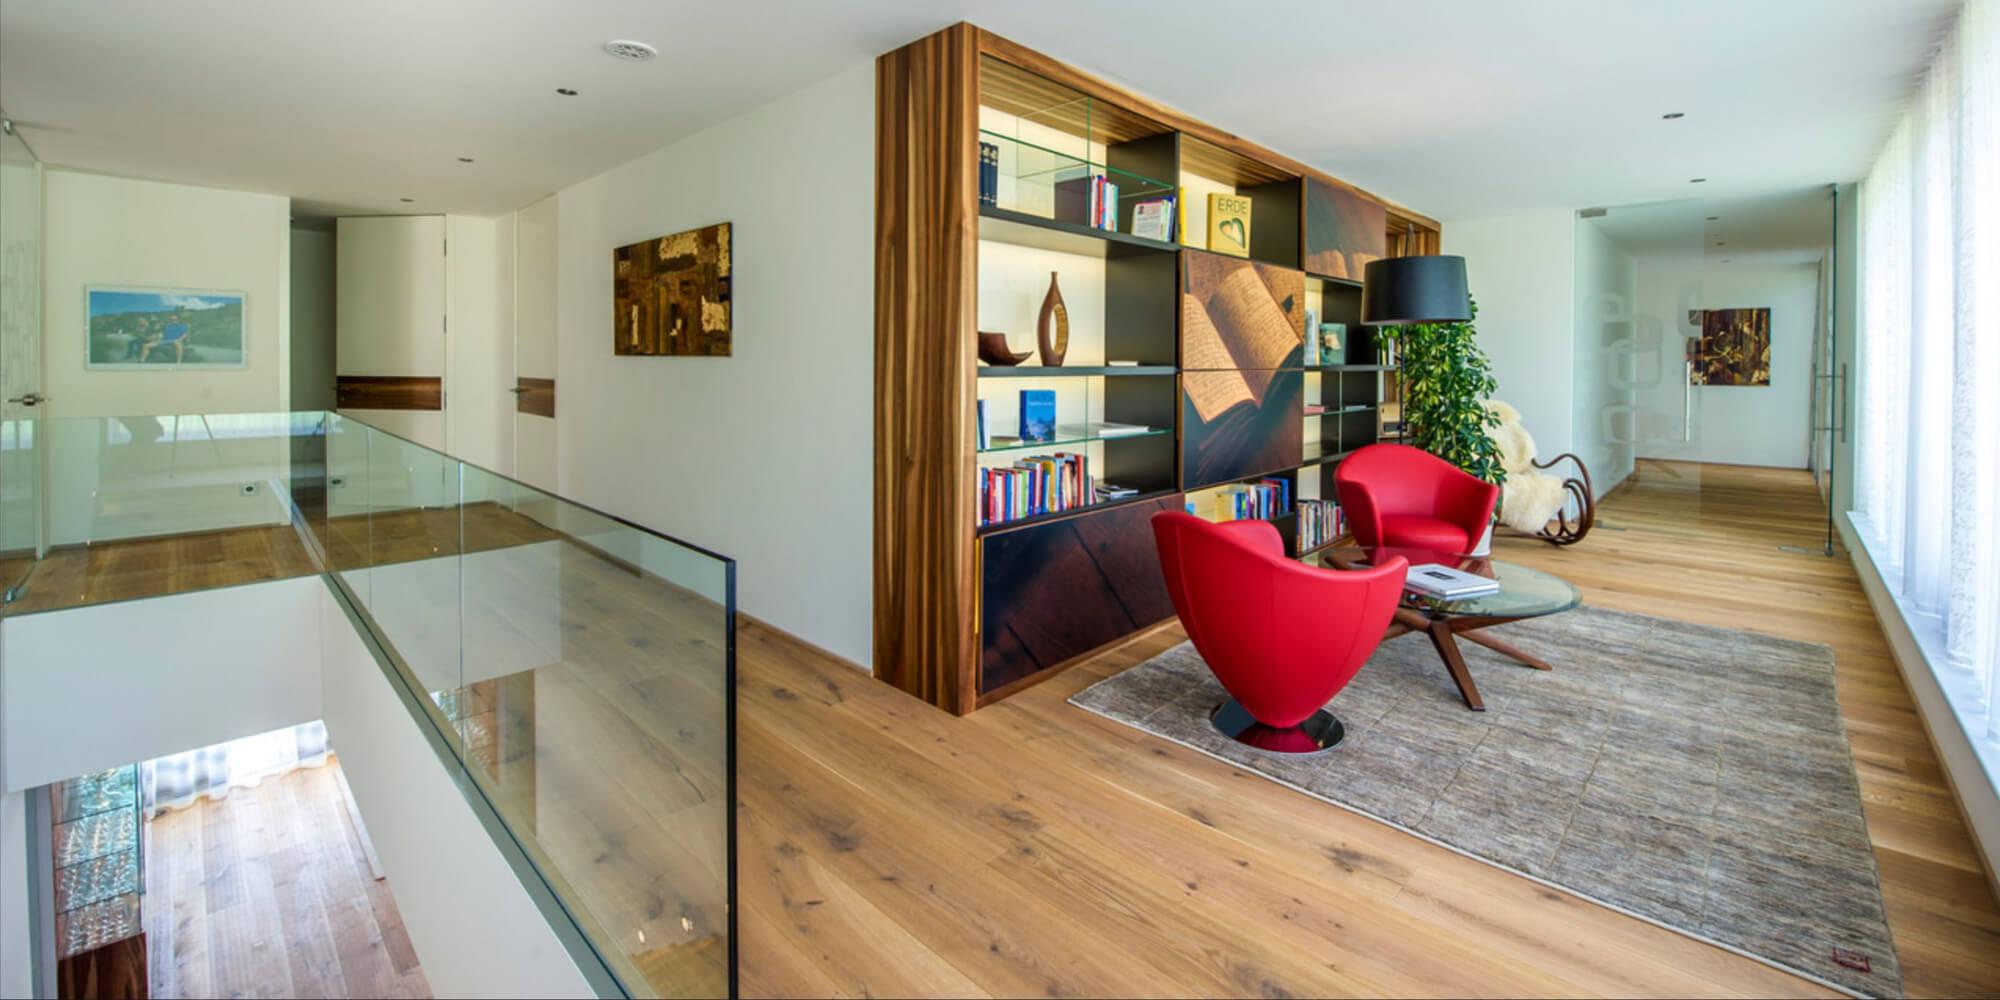 Cre-Plan-Design-Rauch-Frühmann-Architektur-Innenarchitektur-Design-Projekt-Referenz-Innenarchitektur-Möbeldesign-Einrichtung-Galerie